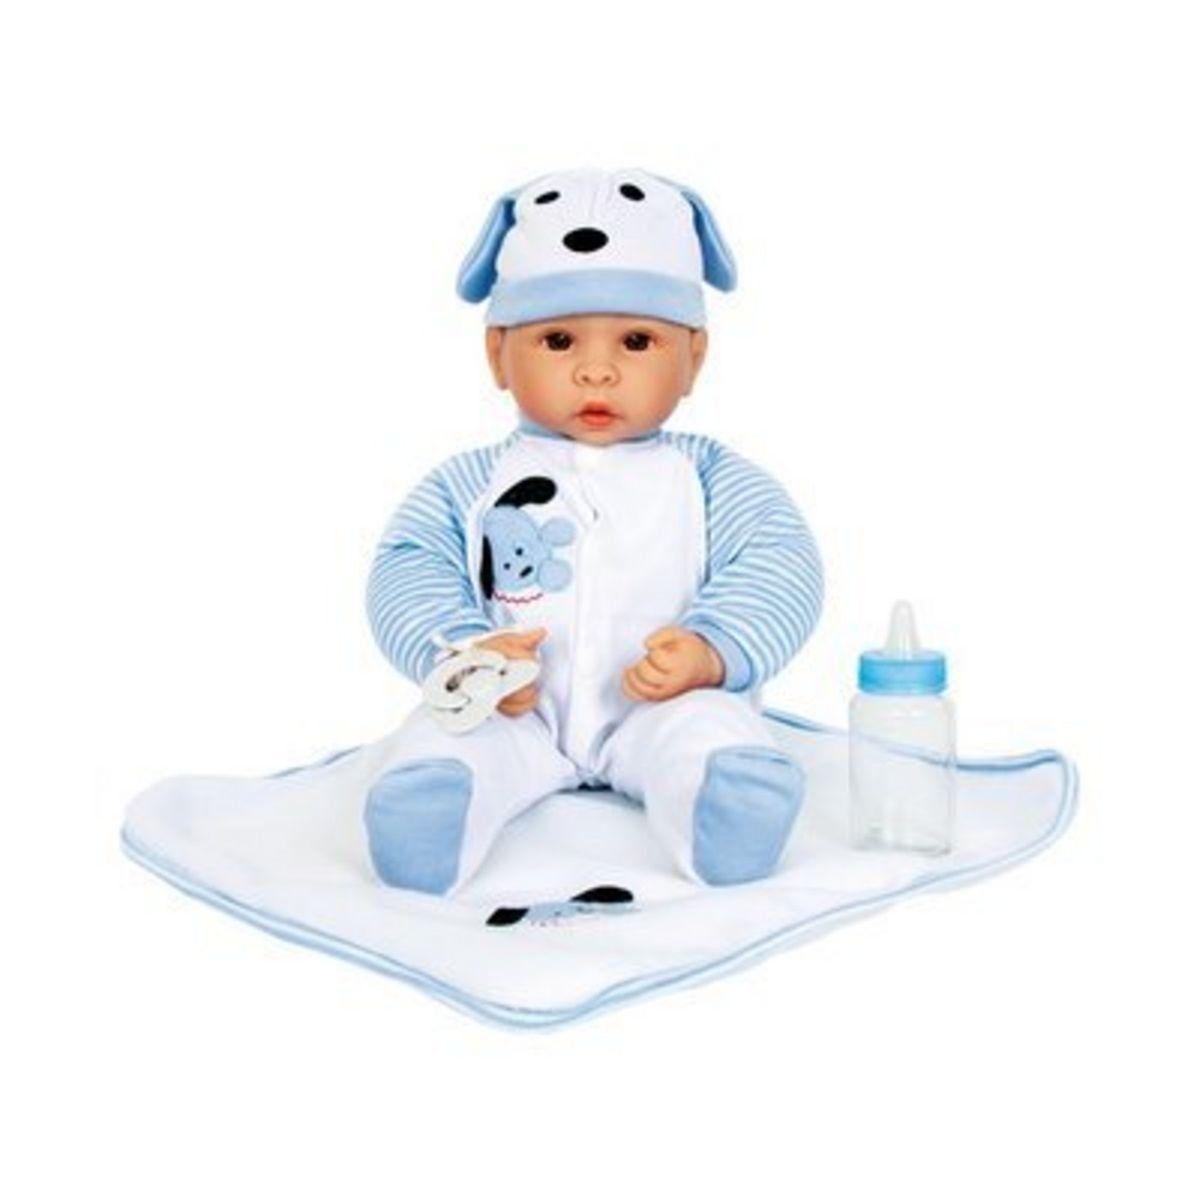 SMALL FOOT La poupée Benno poupée bébé poupée enfant   Bebe